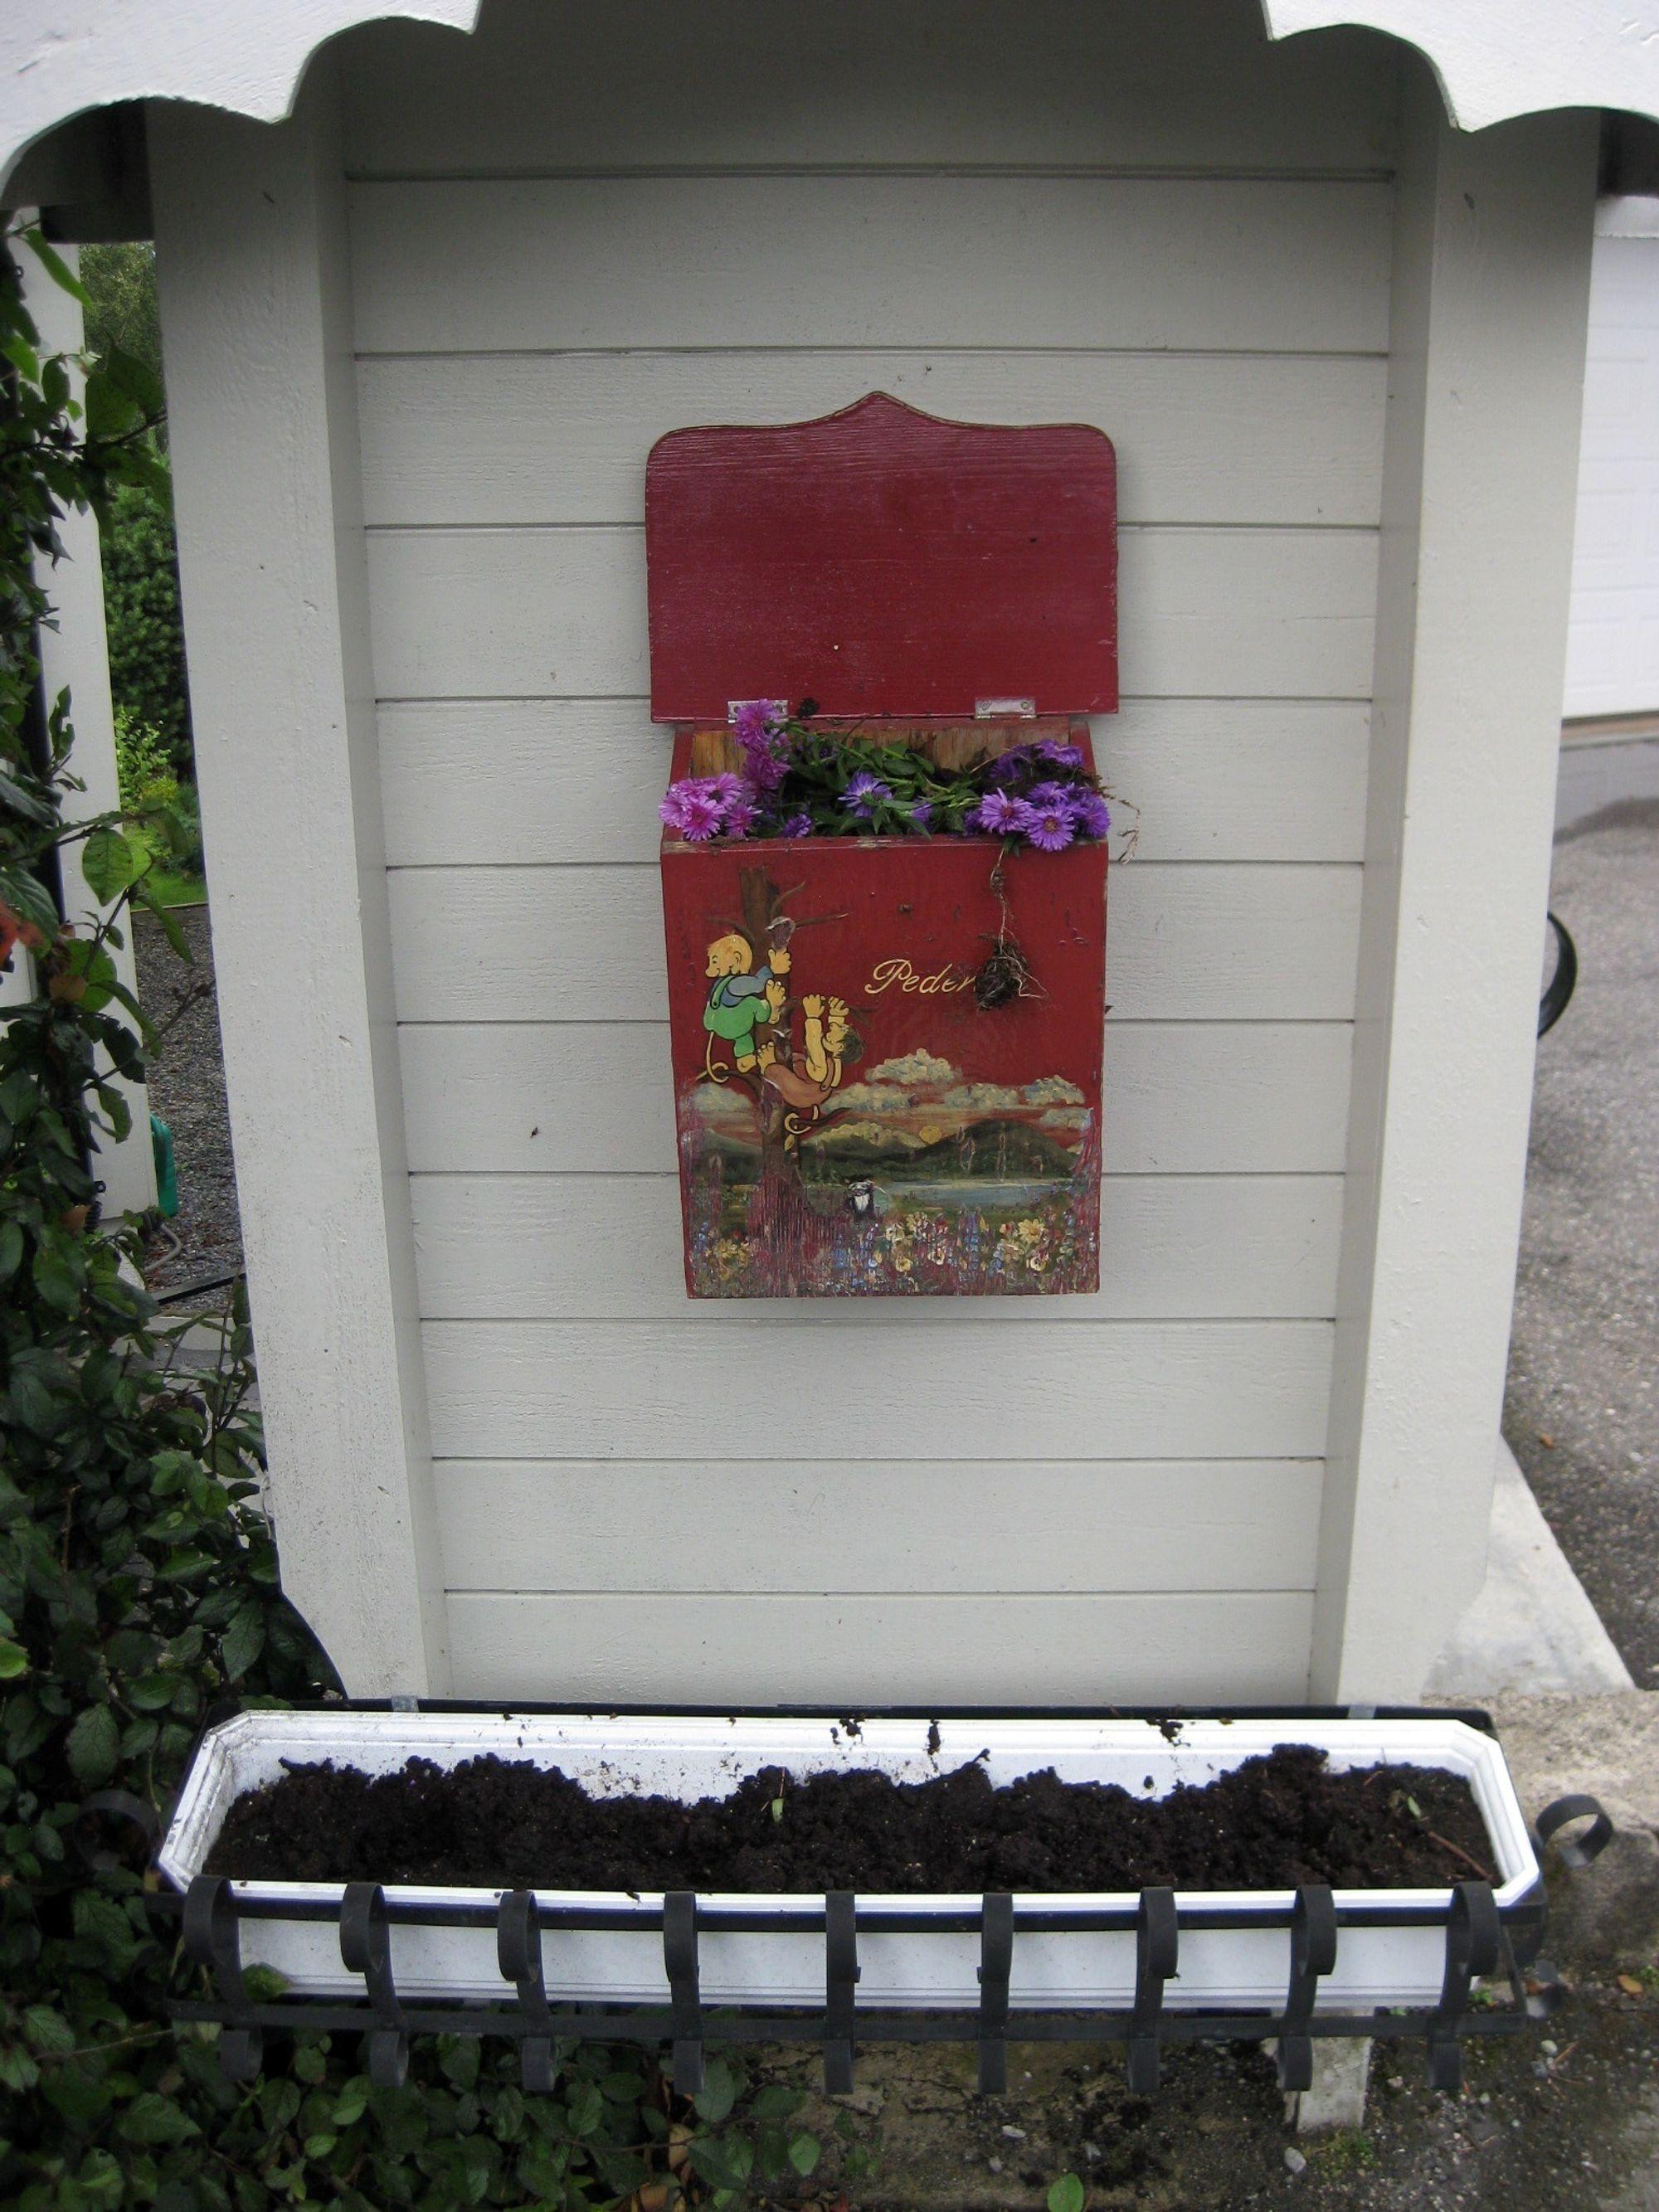 FIKK POSTKASSEN BEPLANTET: Slynglene hadde røsket opp blomstene og plantet dem i postkassen også.